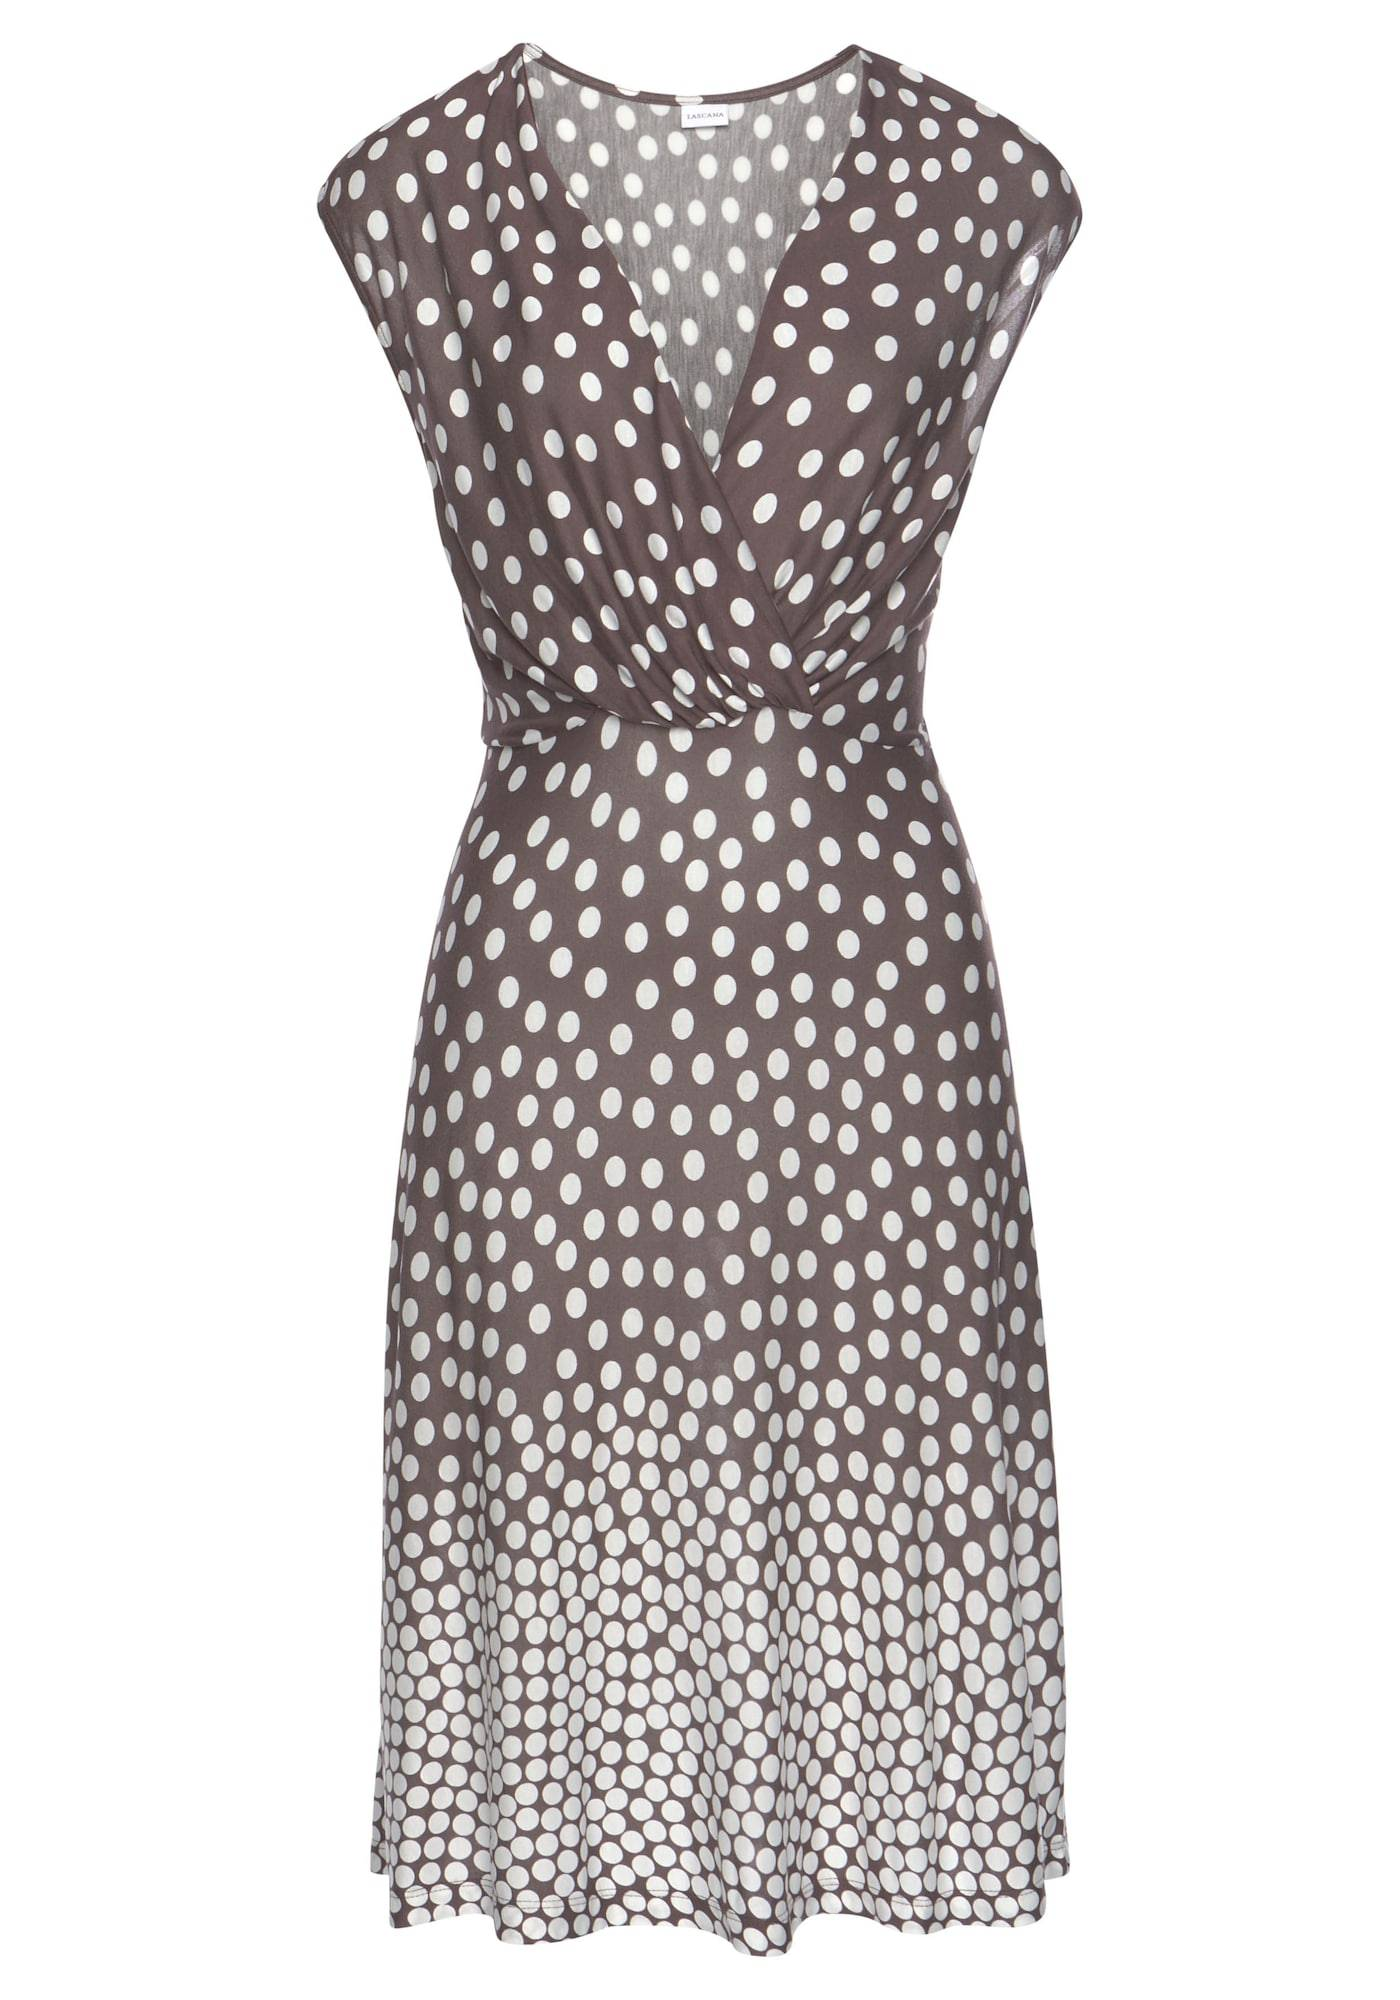 LASCANA Vêtement de plage 'Dalmatiner'  - Marron - Taille: 34 - female